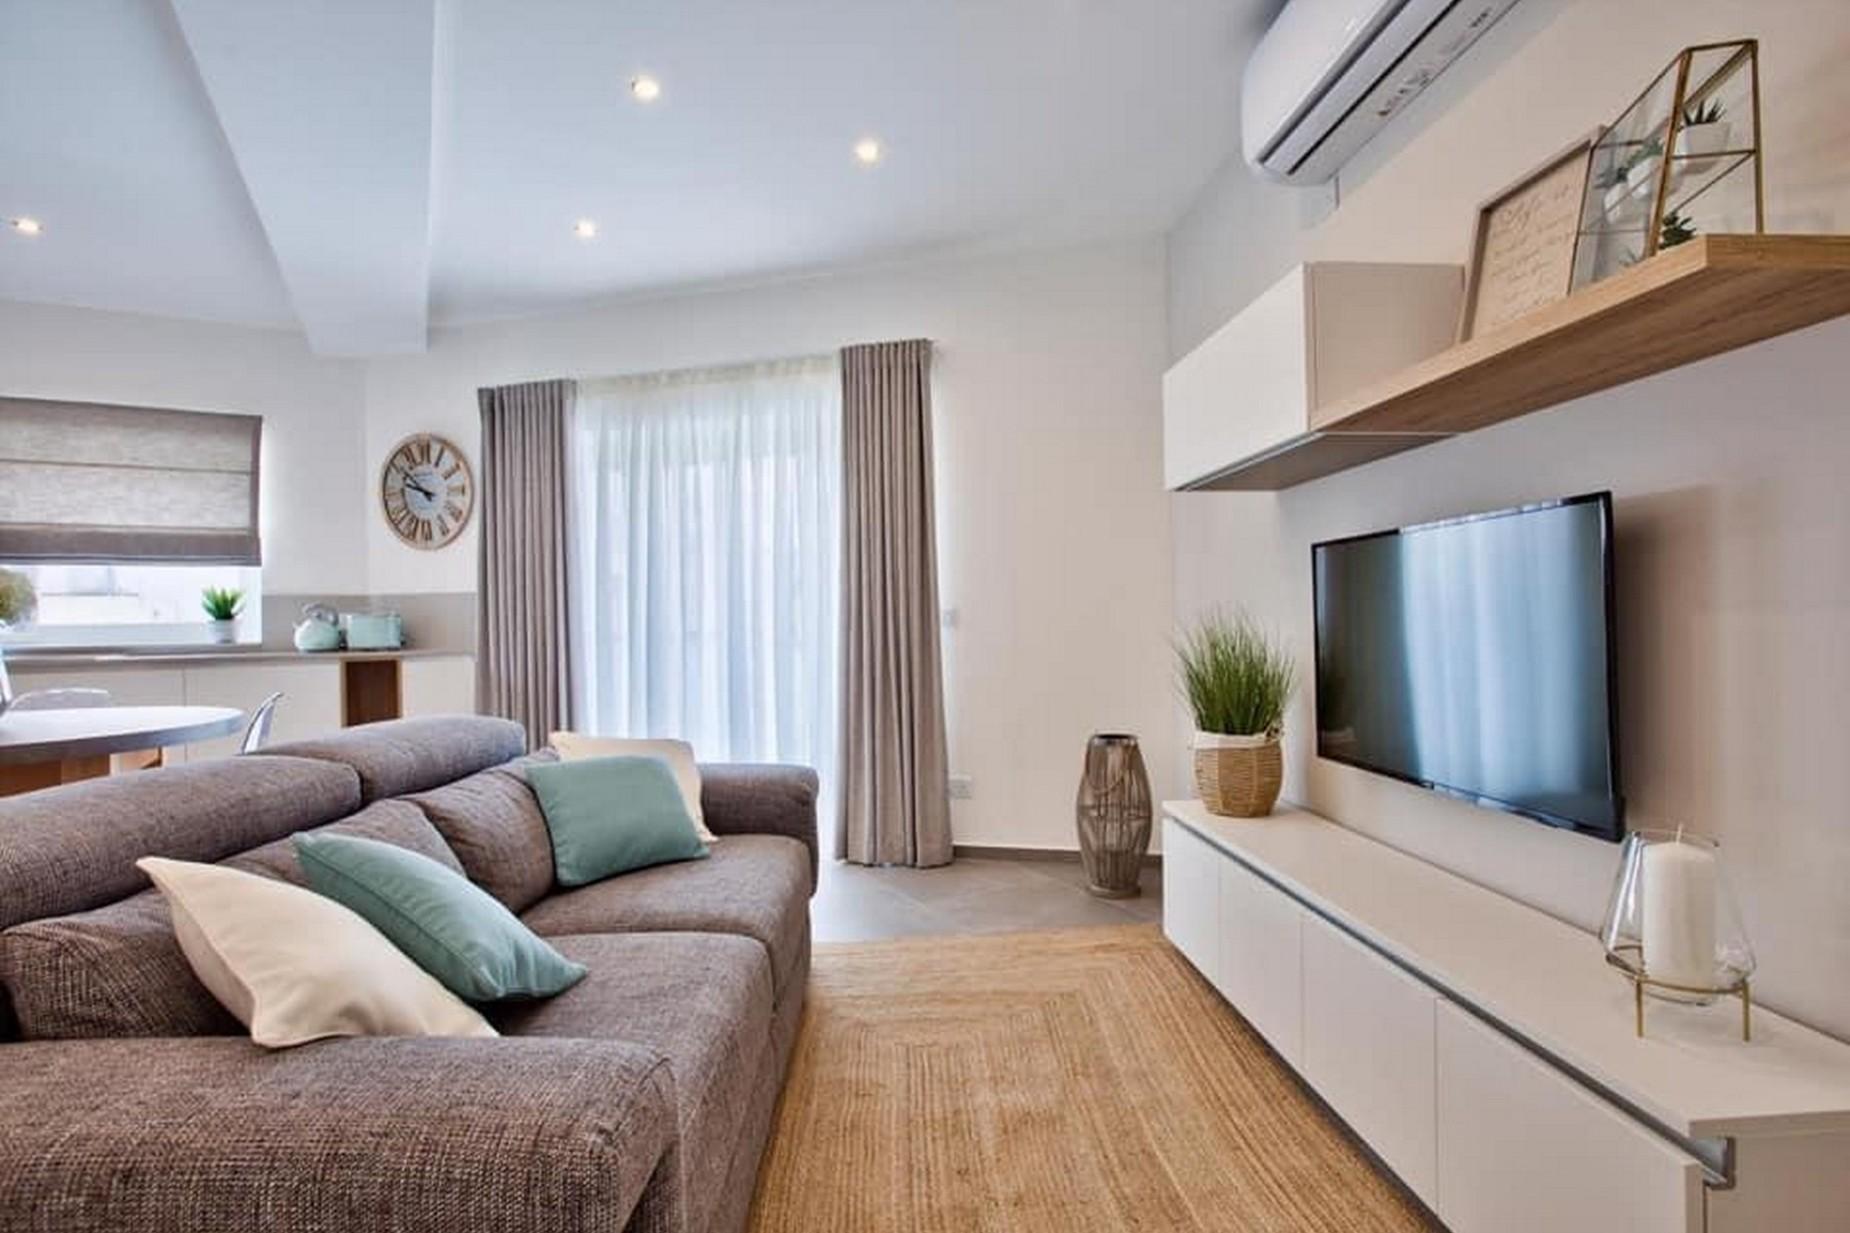 3 bed Apartment For Rent in San Gwann, San Gwann - thumb 2